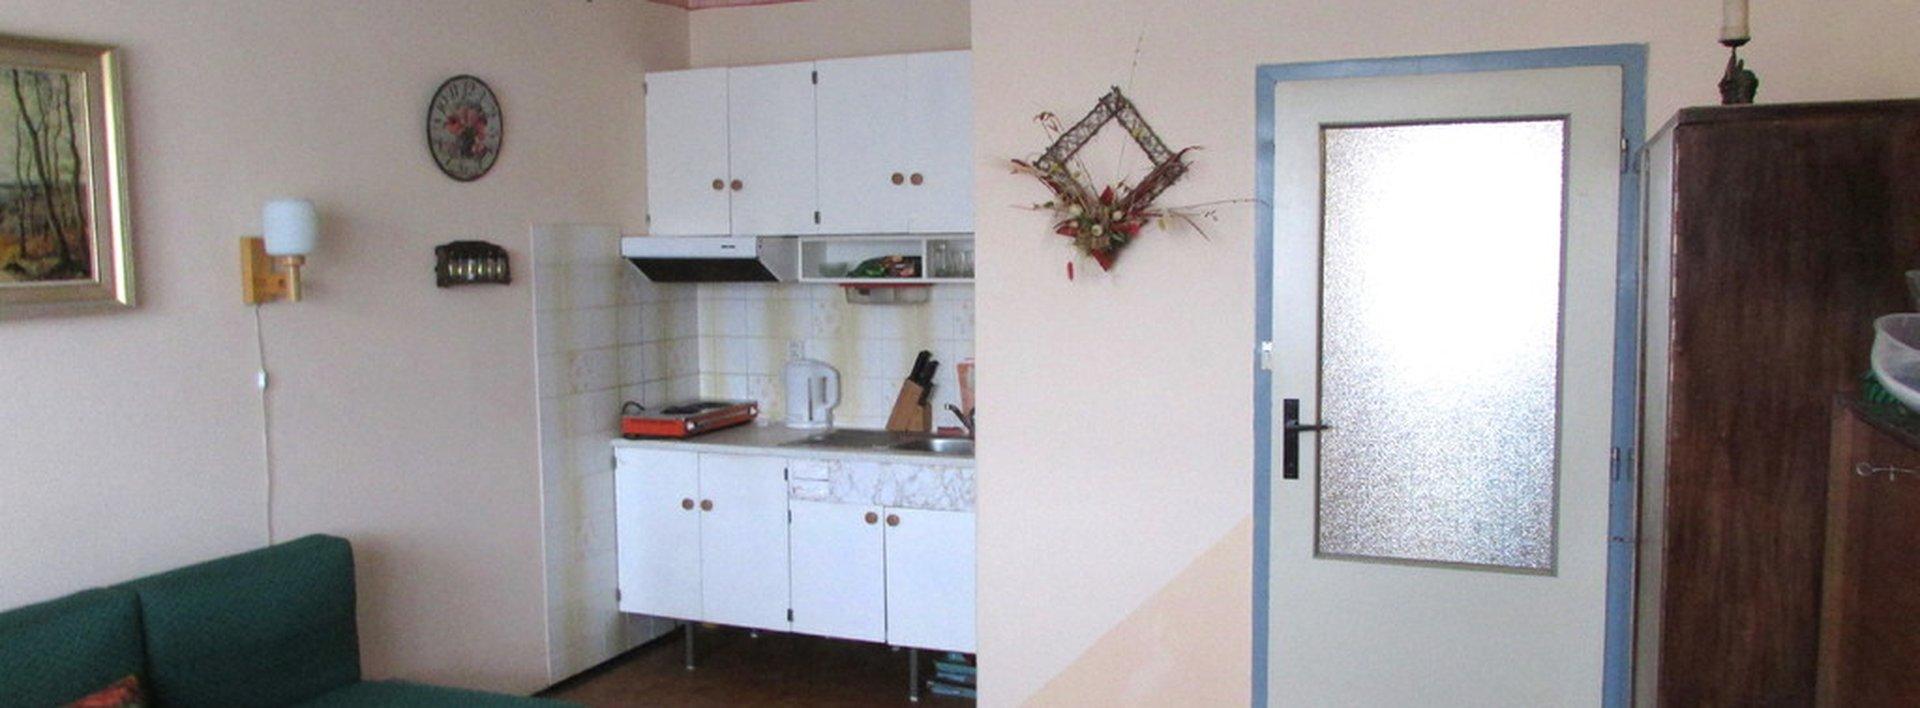 Pronájem bytu 2+kk, 44 m² - Jablonec nad Nisou, Mšeno, Ev.č.: N47481